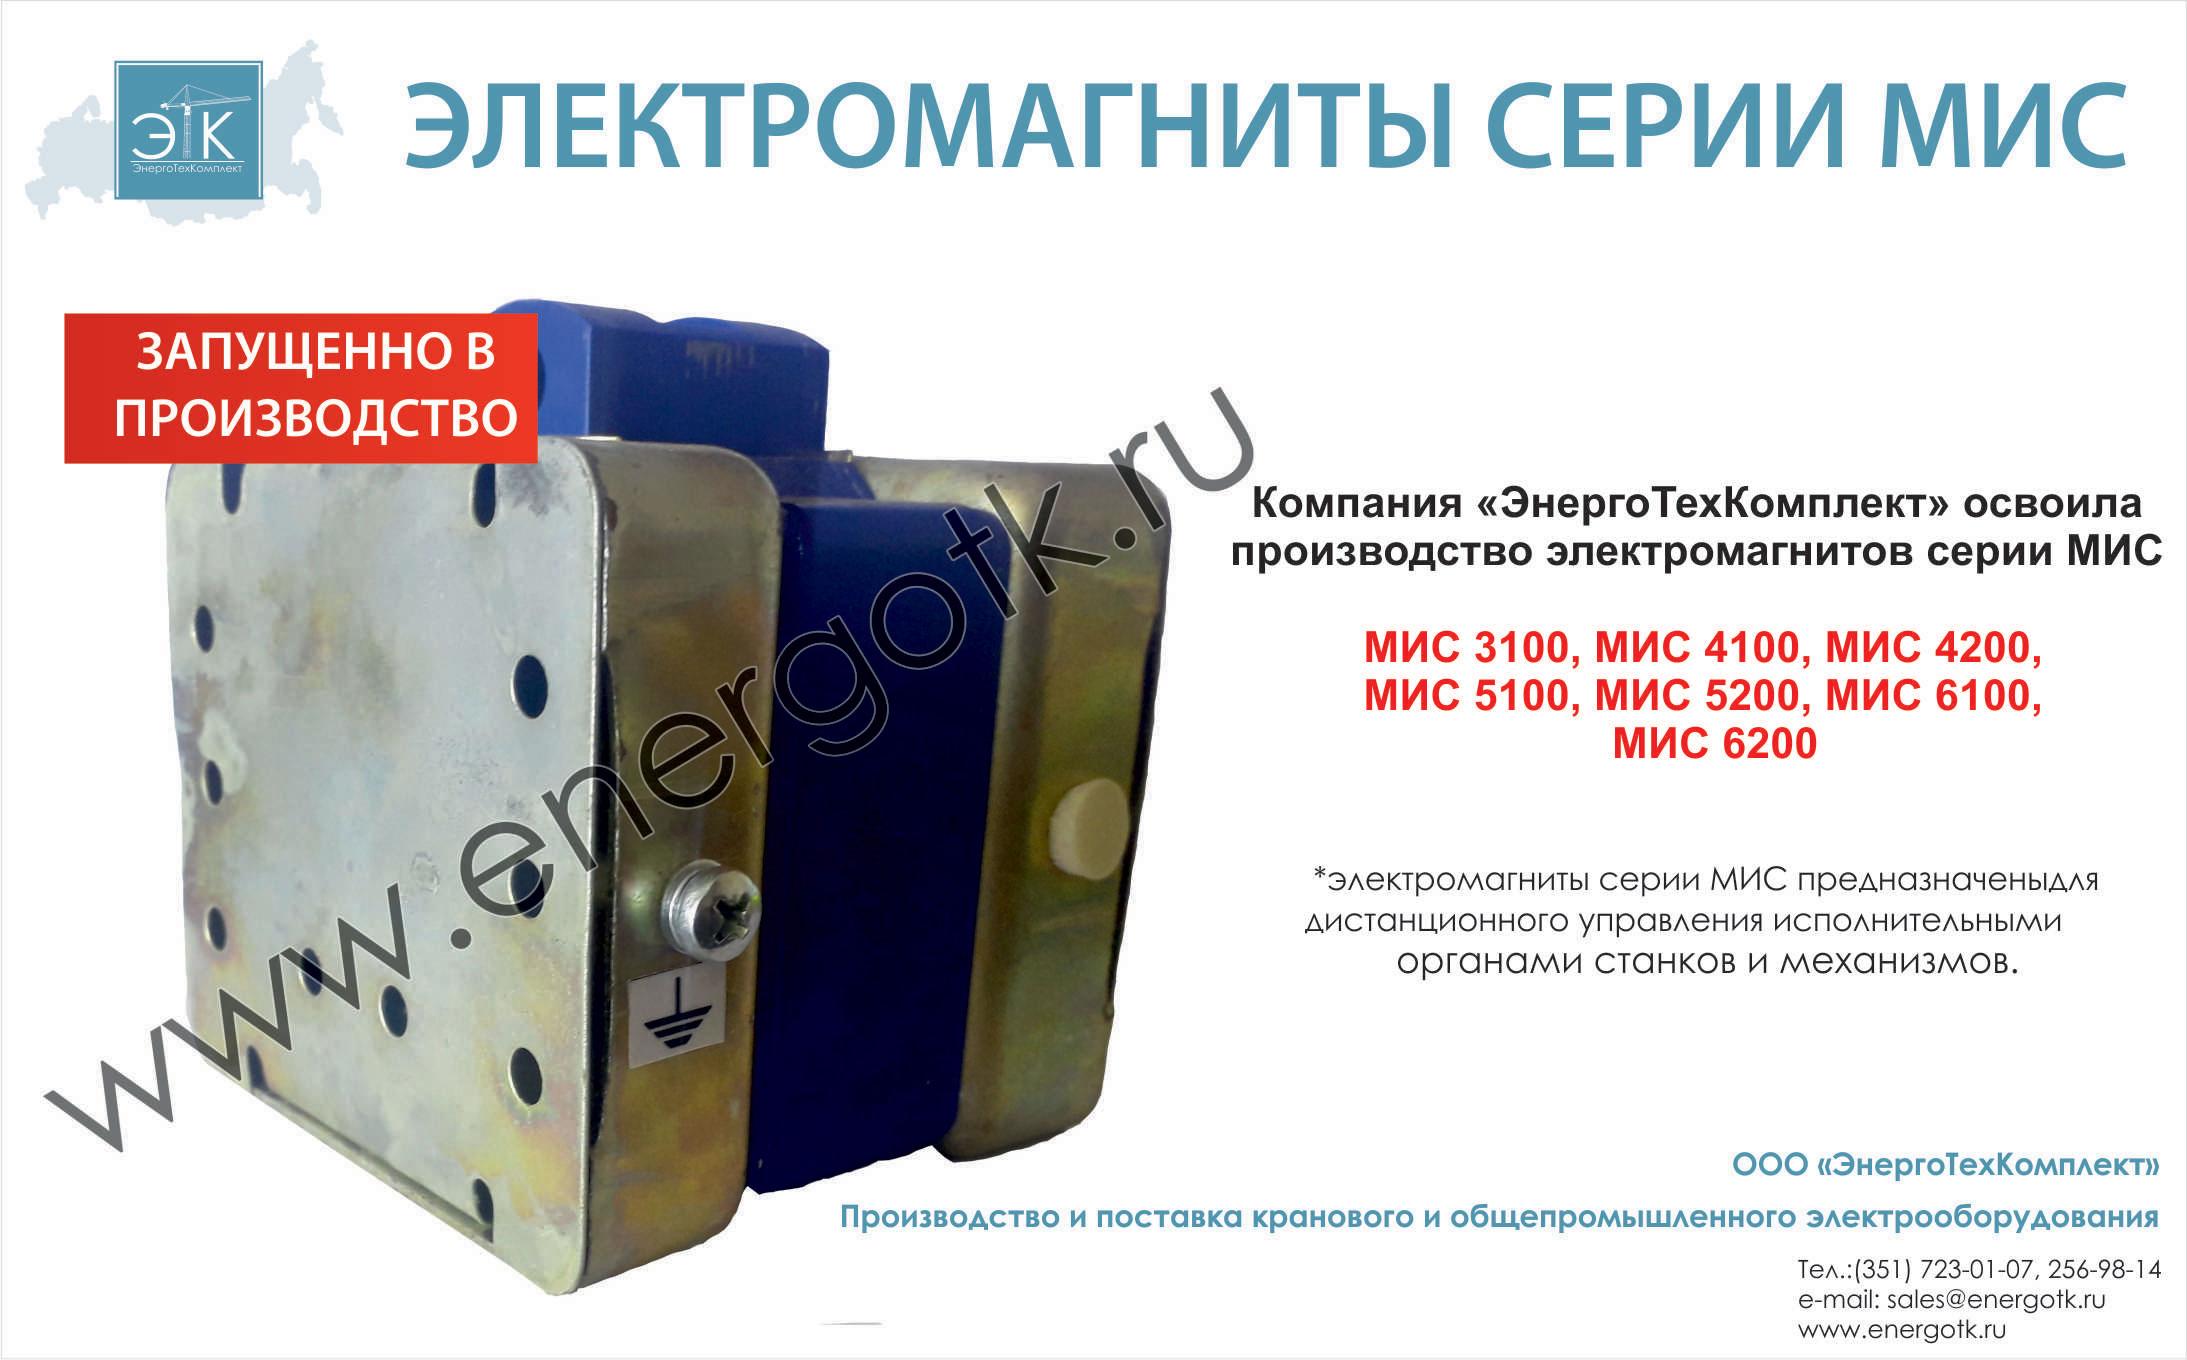 Компания «ЭнергоТехКомплект» запустила производство электромагнитов серии МИС